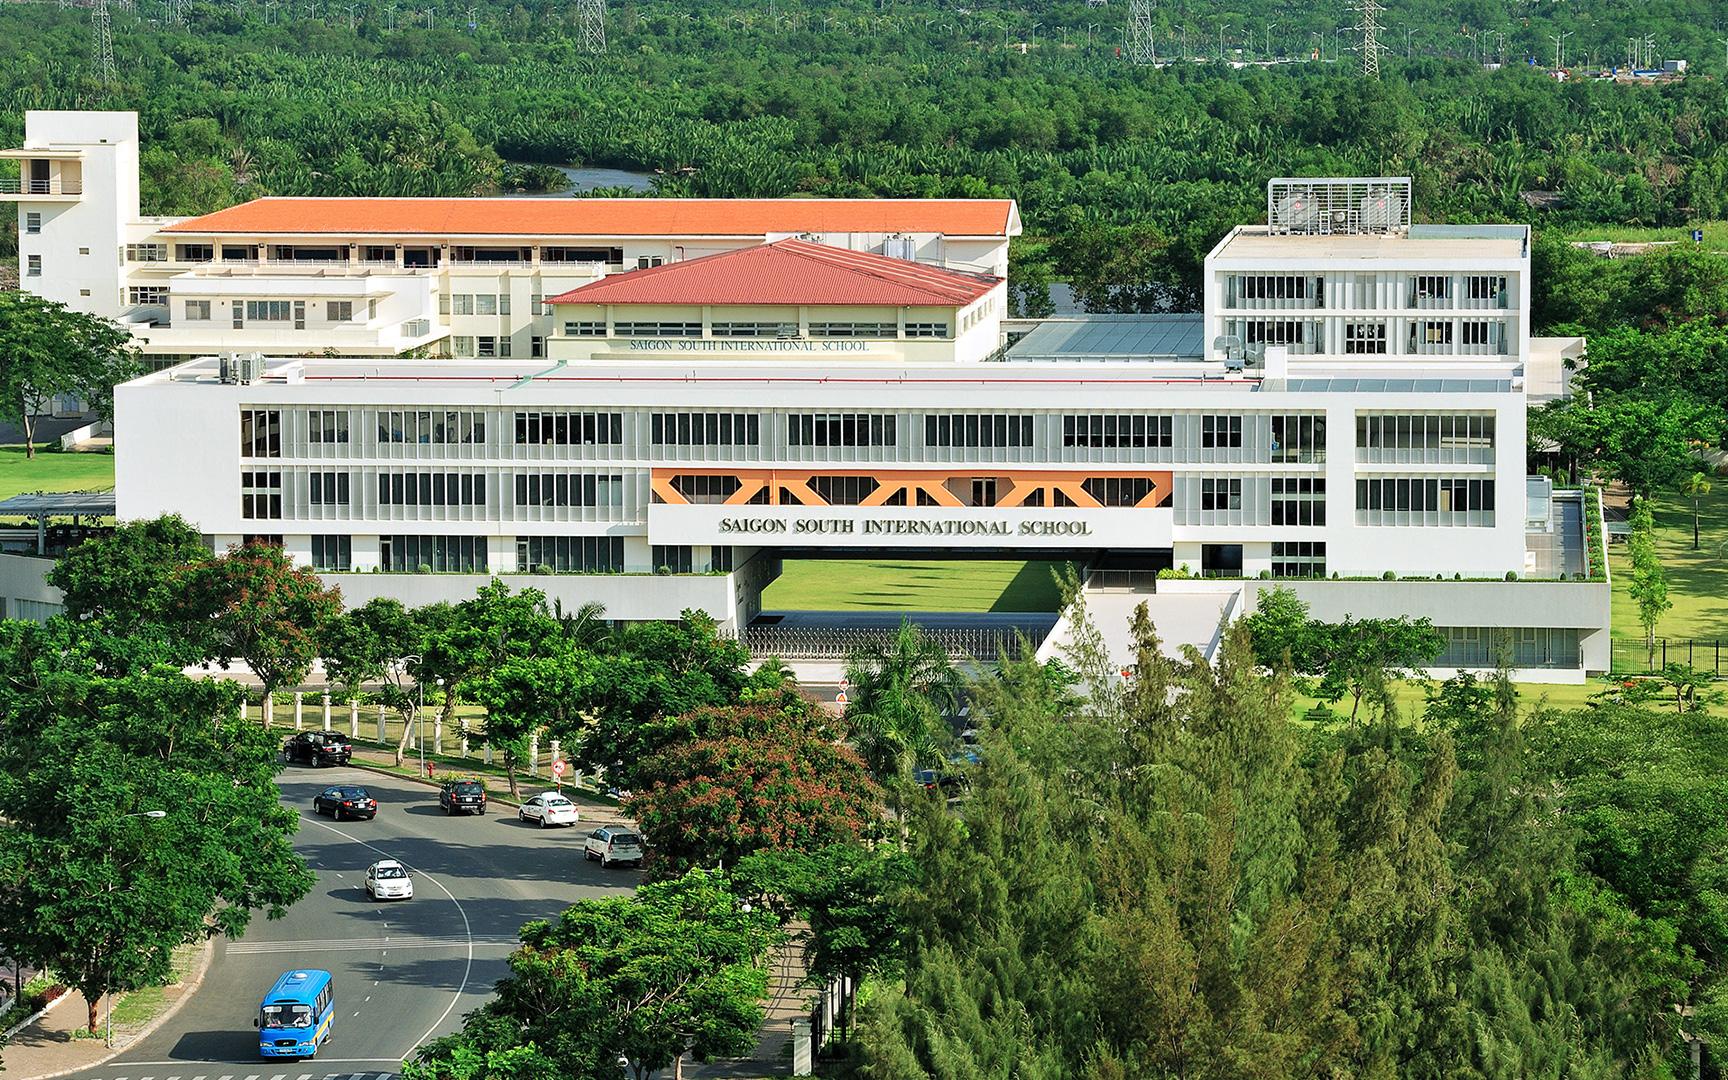 """Trường Quốc tế """"đỉnh"""" bậc nhất Sài Gòn: Không gian đẹp như trên phim, học phí nửa tỷ mỗi năm vẫn khiến phụ huynh sẵn sàng móc hầu bao cho con vào học"""